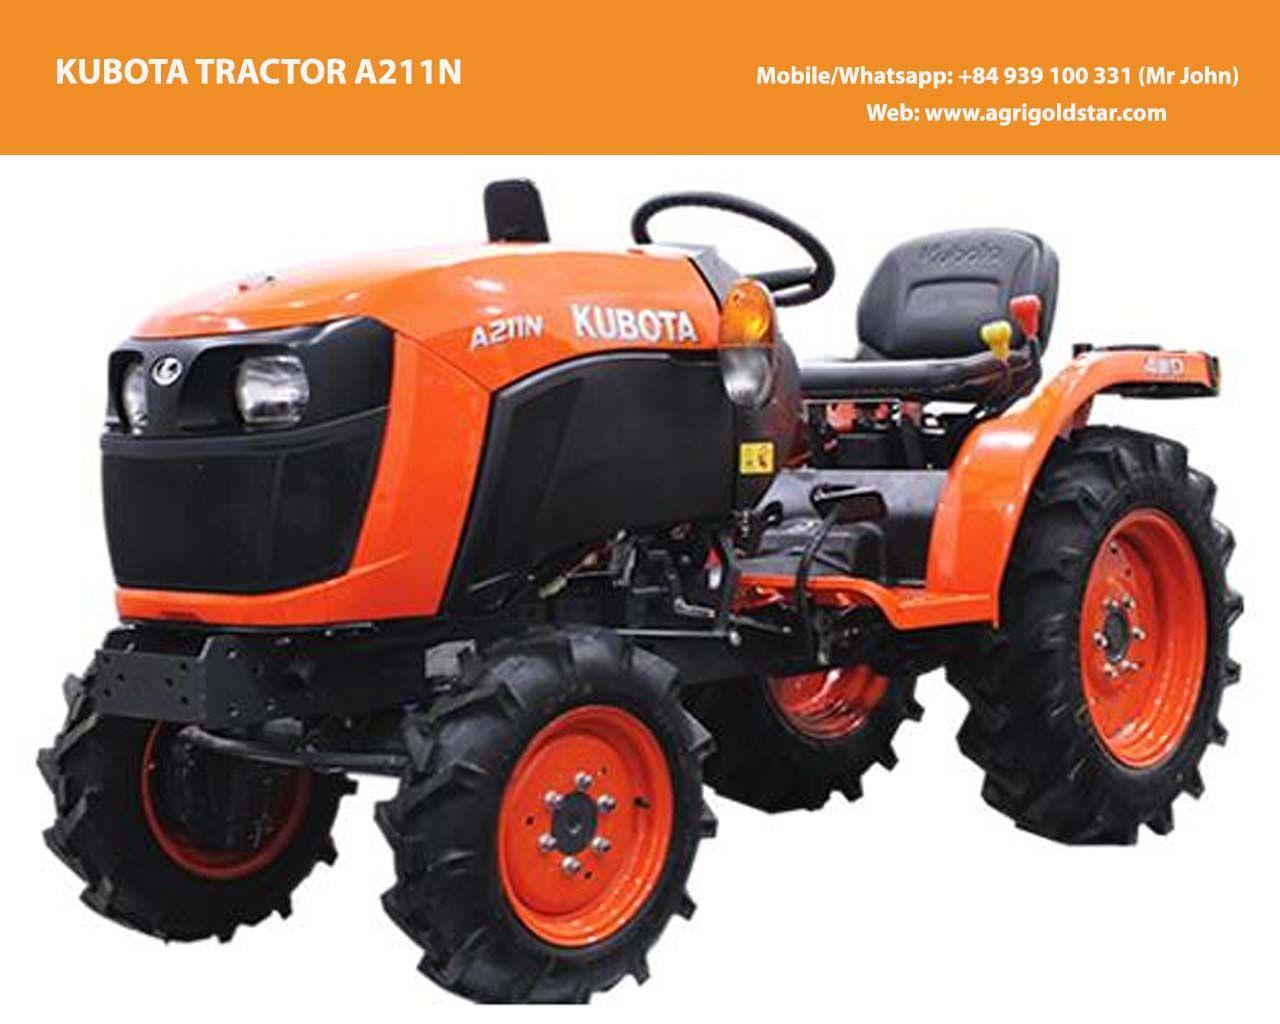 Kubota Tractor A211N - Neostar A221N (21HP) Kubota design by